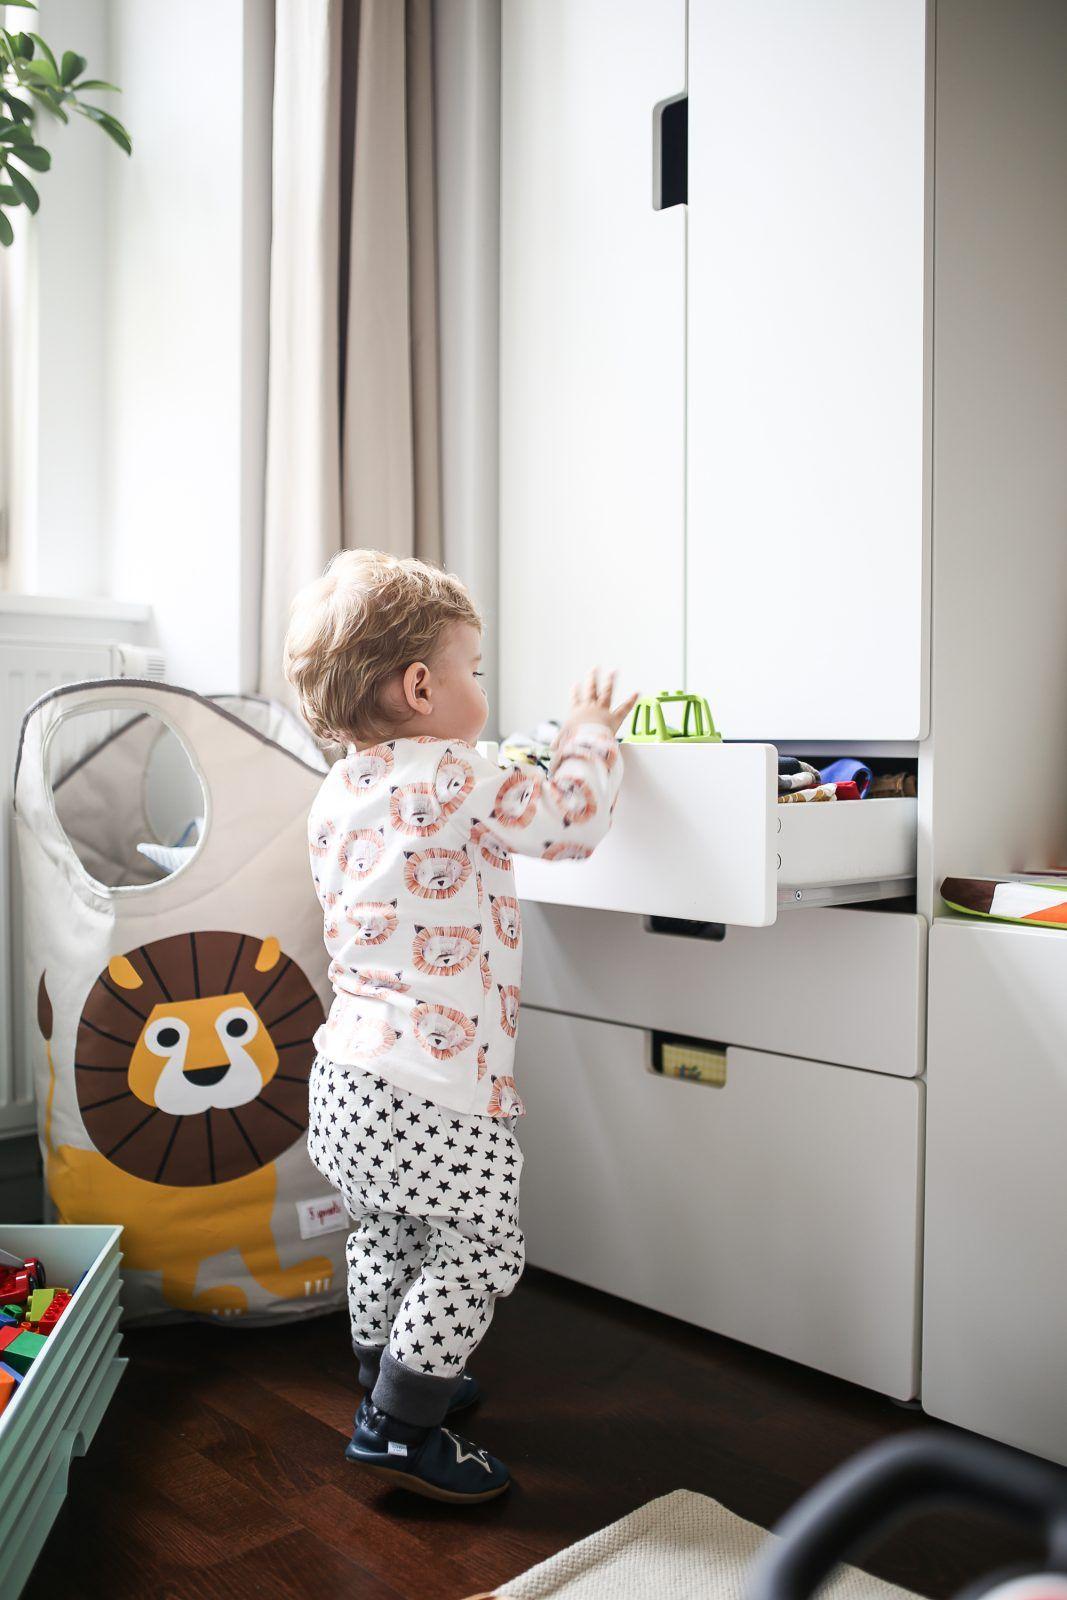 Friedrichs neues Kinderzimmer | Friedrich, Kinderzimmer und Ikea